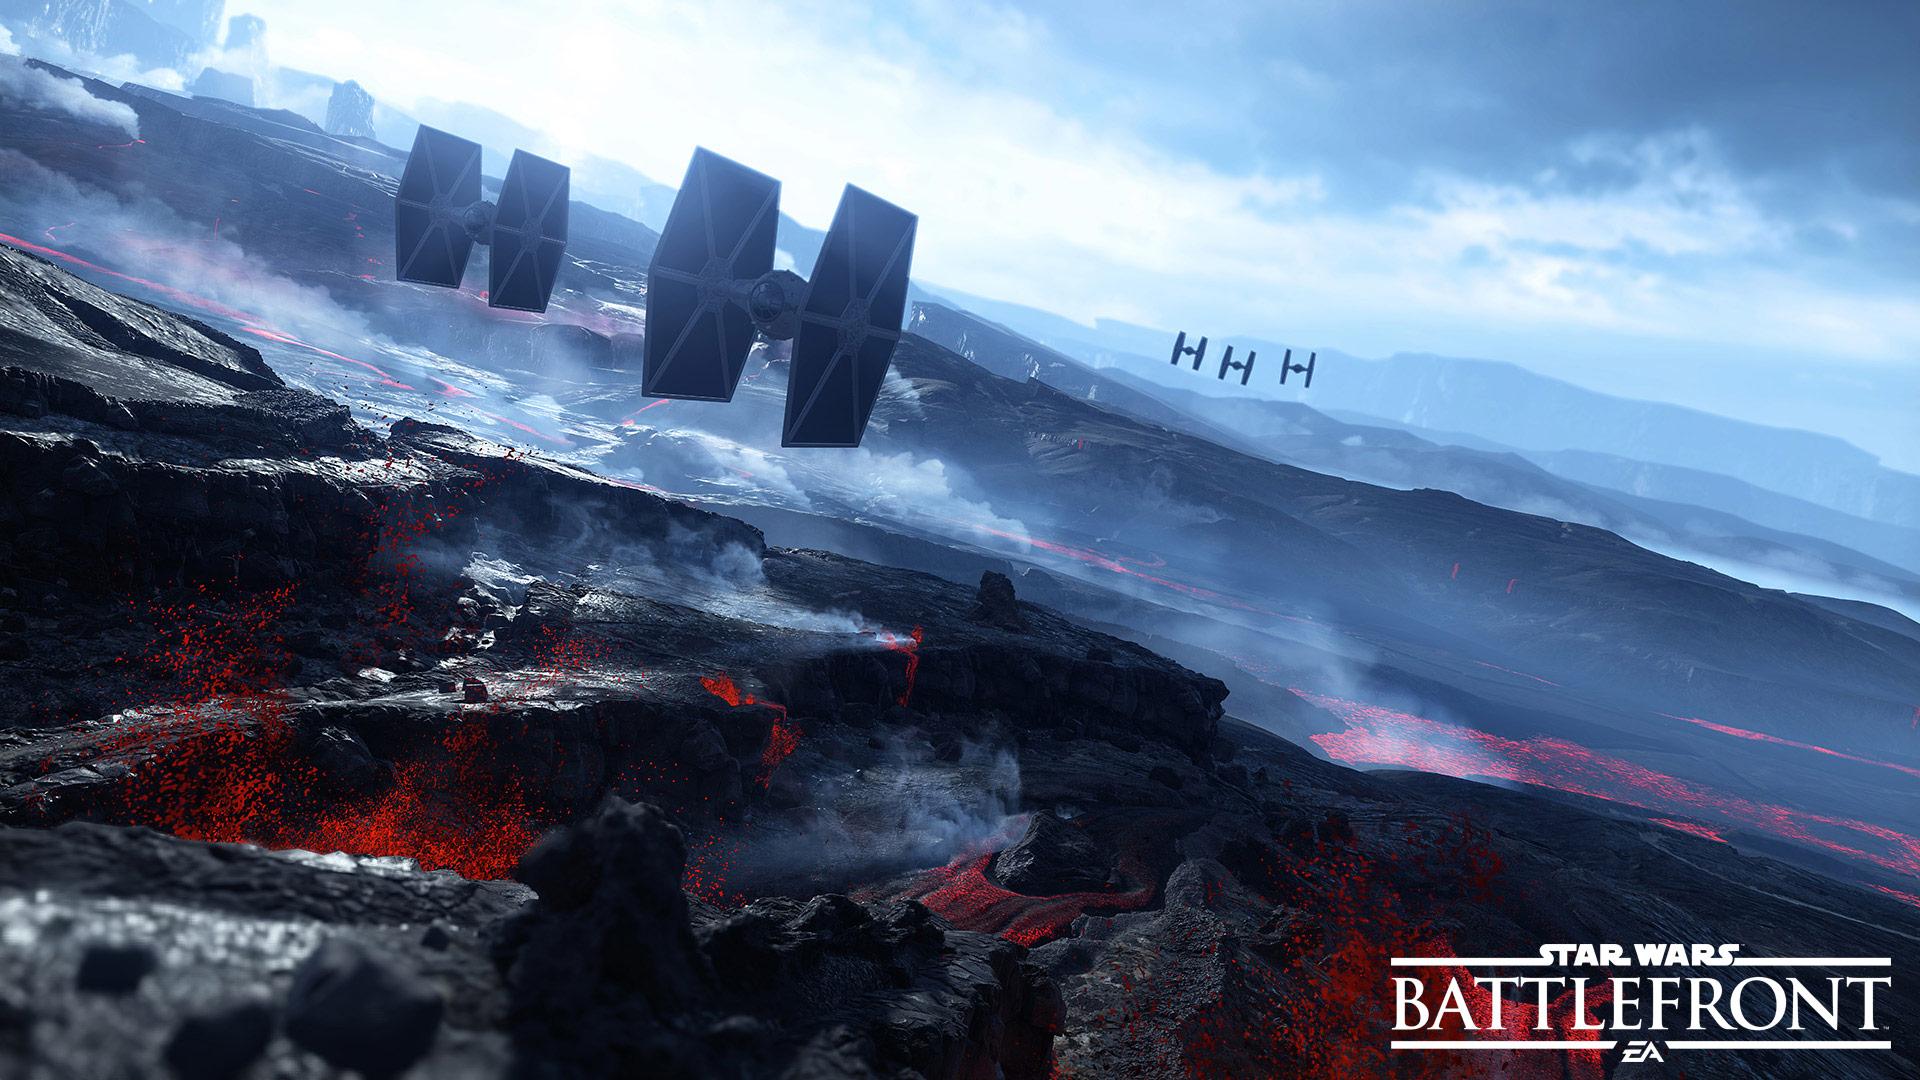 star_wars_battlefront_tie_fighters_1